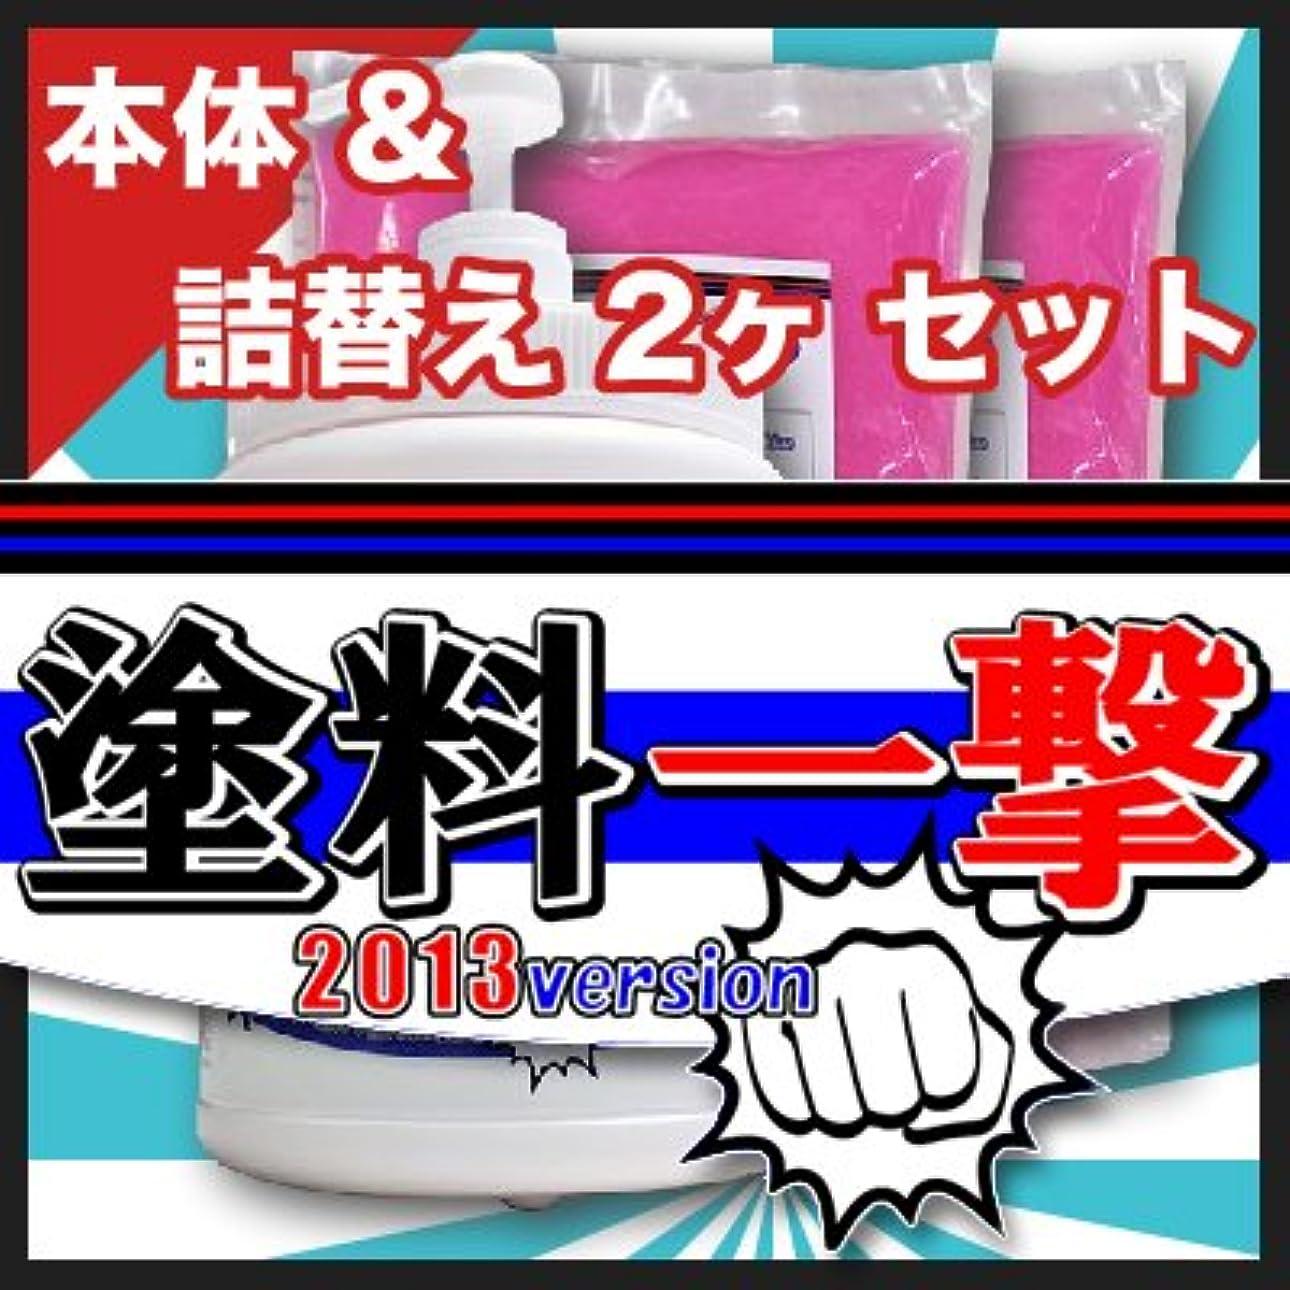 不名誉な折服D.Iプランニング 塗料一撃 2013 Version 本体 (1.5kg) & 詰替え (1.2kg x 2ヶ)